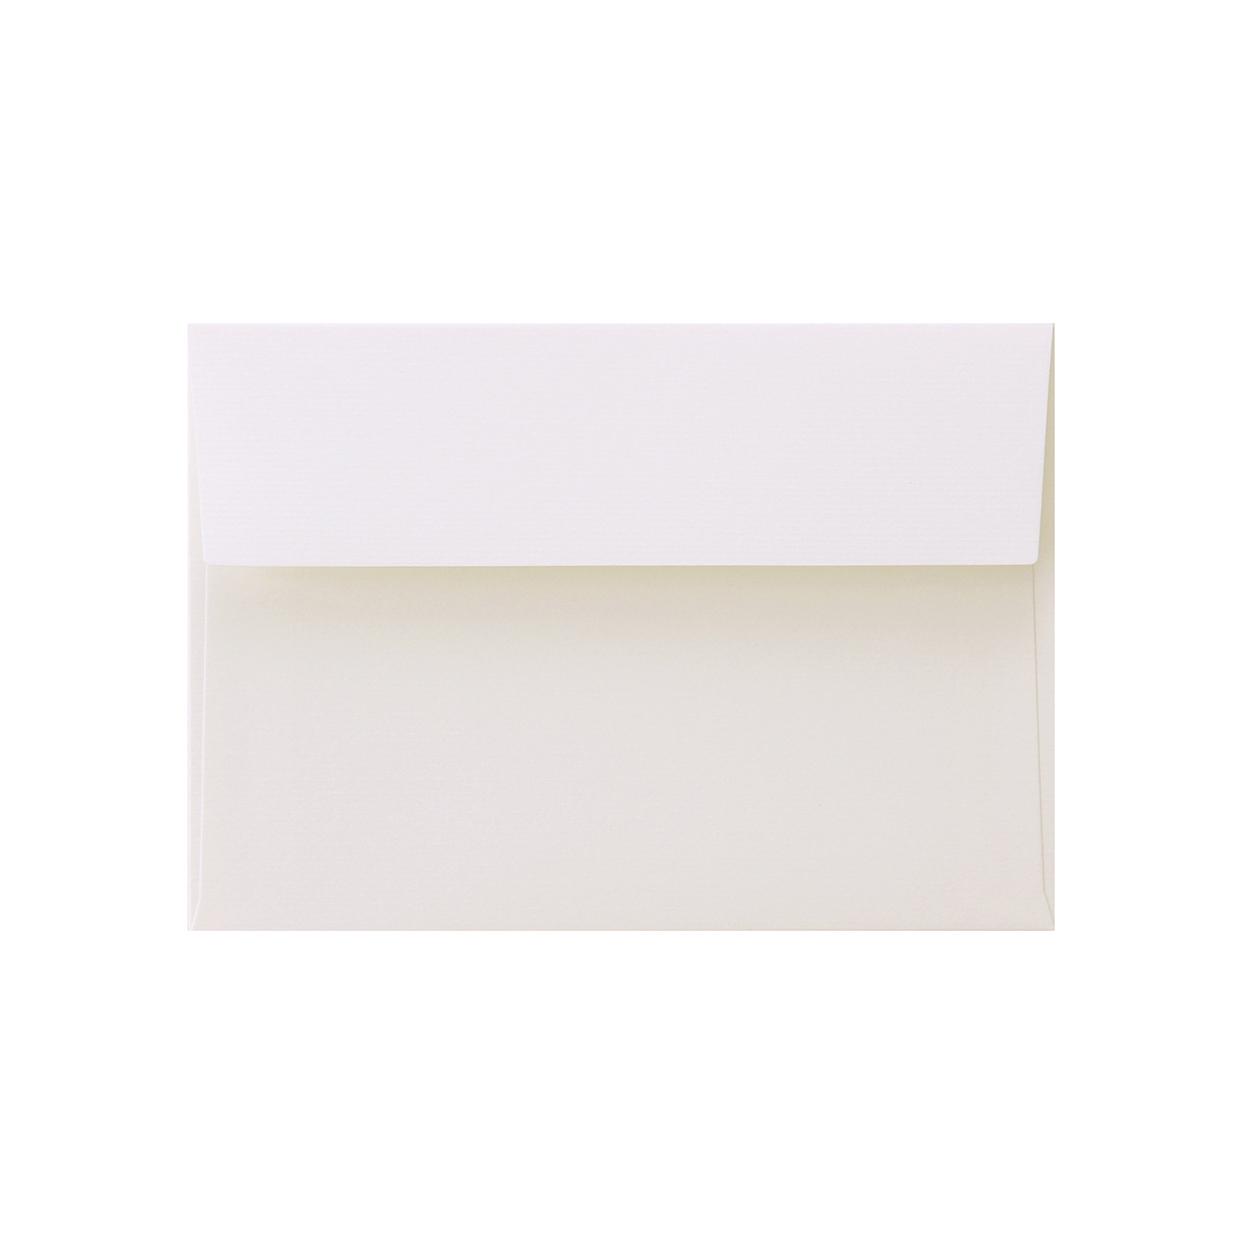 洋2カマス封筒 コットンレイド スノーホワイト 116.3g